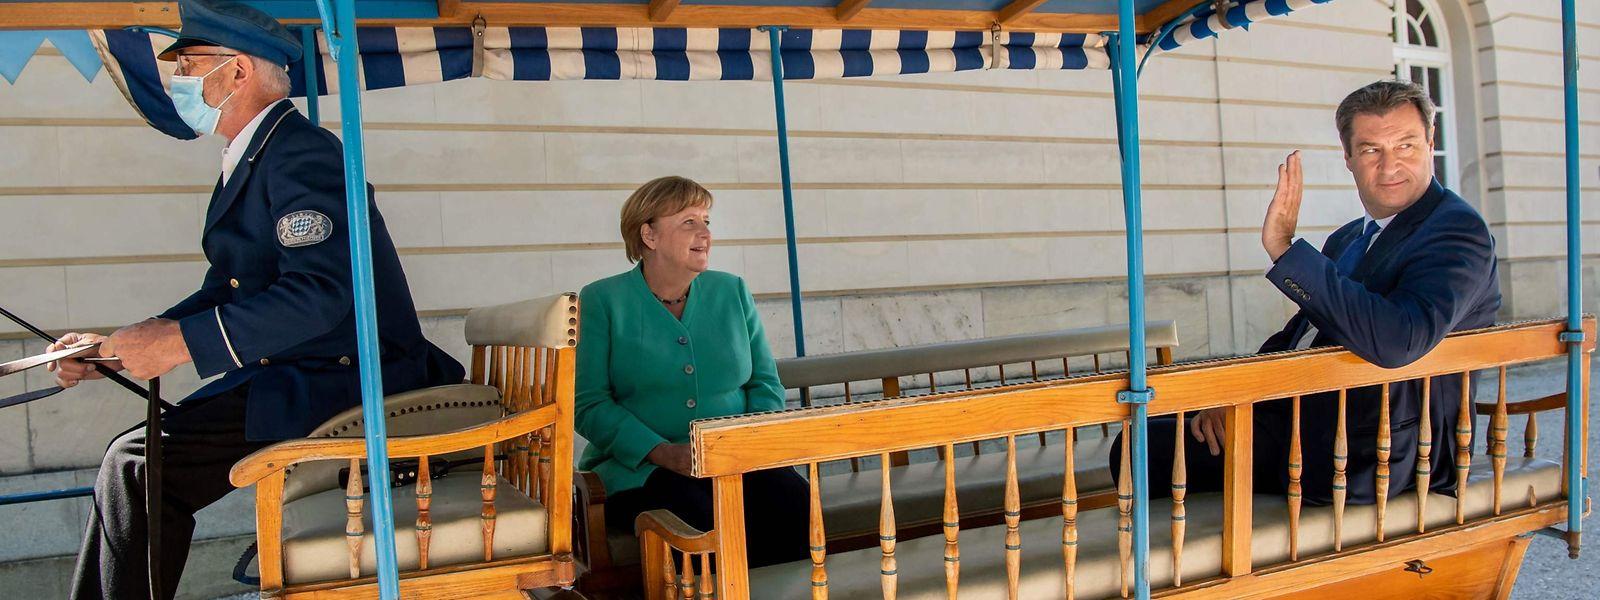 In Prien am Chiemsee sind die deutsche Kanzlerin und Bayerns Ministerpräsident Markus Söder mit der Kutsche gefahren.